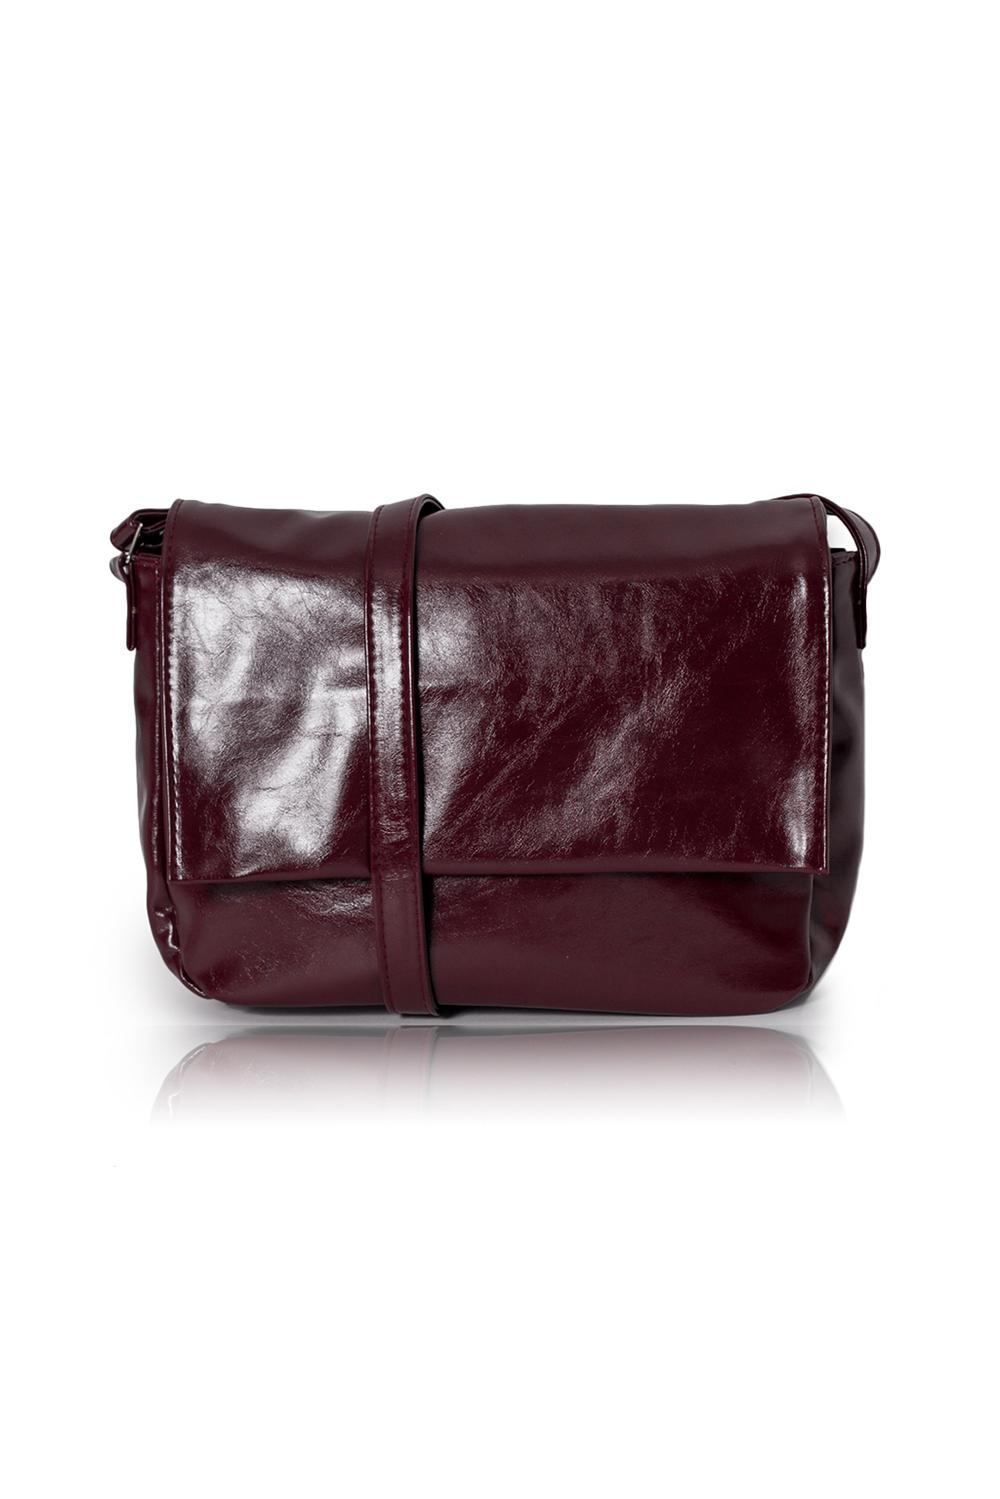 СумкаКлассические<br>Женские сумки бренда DINESSI - это стильные аксессуары, которые по достоинству оценят представительницы прекрасного пола.  Сумка с откидным клапаном и застежкой на молнию и магнит. В клапане и на задней части сумки карманы на молнии. Внутри два накладных кармана и карман на молнии. Длинная лямка с регулировкой на кнопках.   Цвет: бордовый.  Подклад может отличаться от представленного на фото.  Размеры: Длина - 31 ± 1 см Высота - 22 ± 1 см Глубина - 11 ± 1 см<br><br>Отделения: 2 отделения<br>По материалу: Искусственная кожа<br>По рисунку: Однотонные<br>По способу ношения: В руках,На плечо,Через плечо<br>По степени жесткости: Мягкие<br>По типу застежки: На магните,С застежкой молнией<br>По форме: Прямоугольные<br>По элементам: Карман на молнии,Карман под телефон<br>Ручки: Длинные<br>По размеру: Средние<br>Размер : UNI<br>Материал: Искусственная кожа<br>Количество в наличии: 1